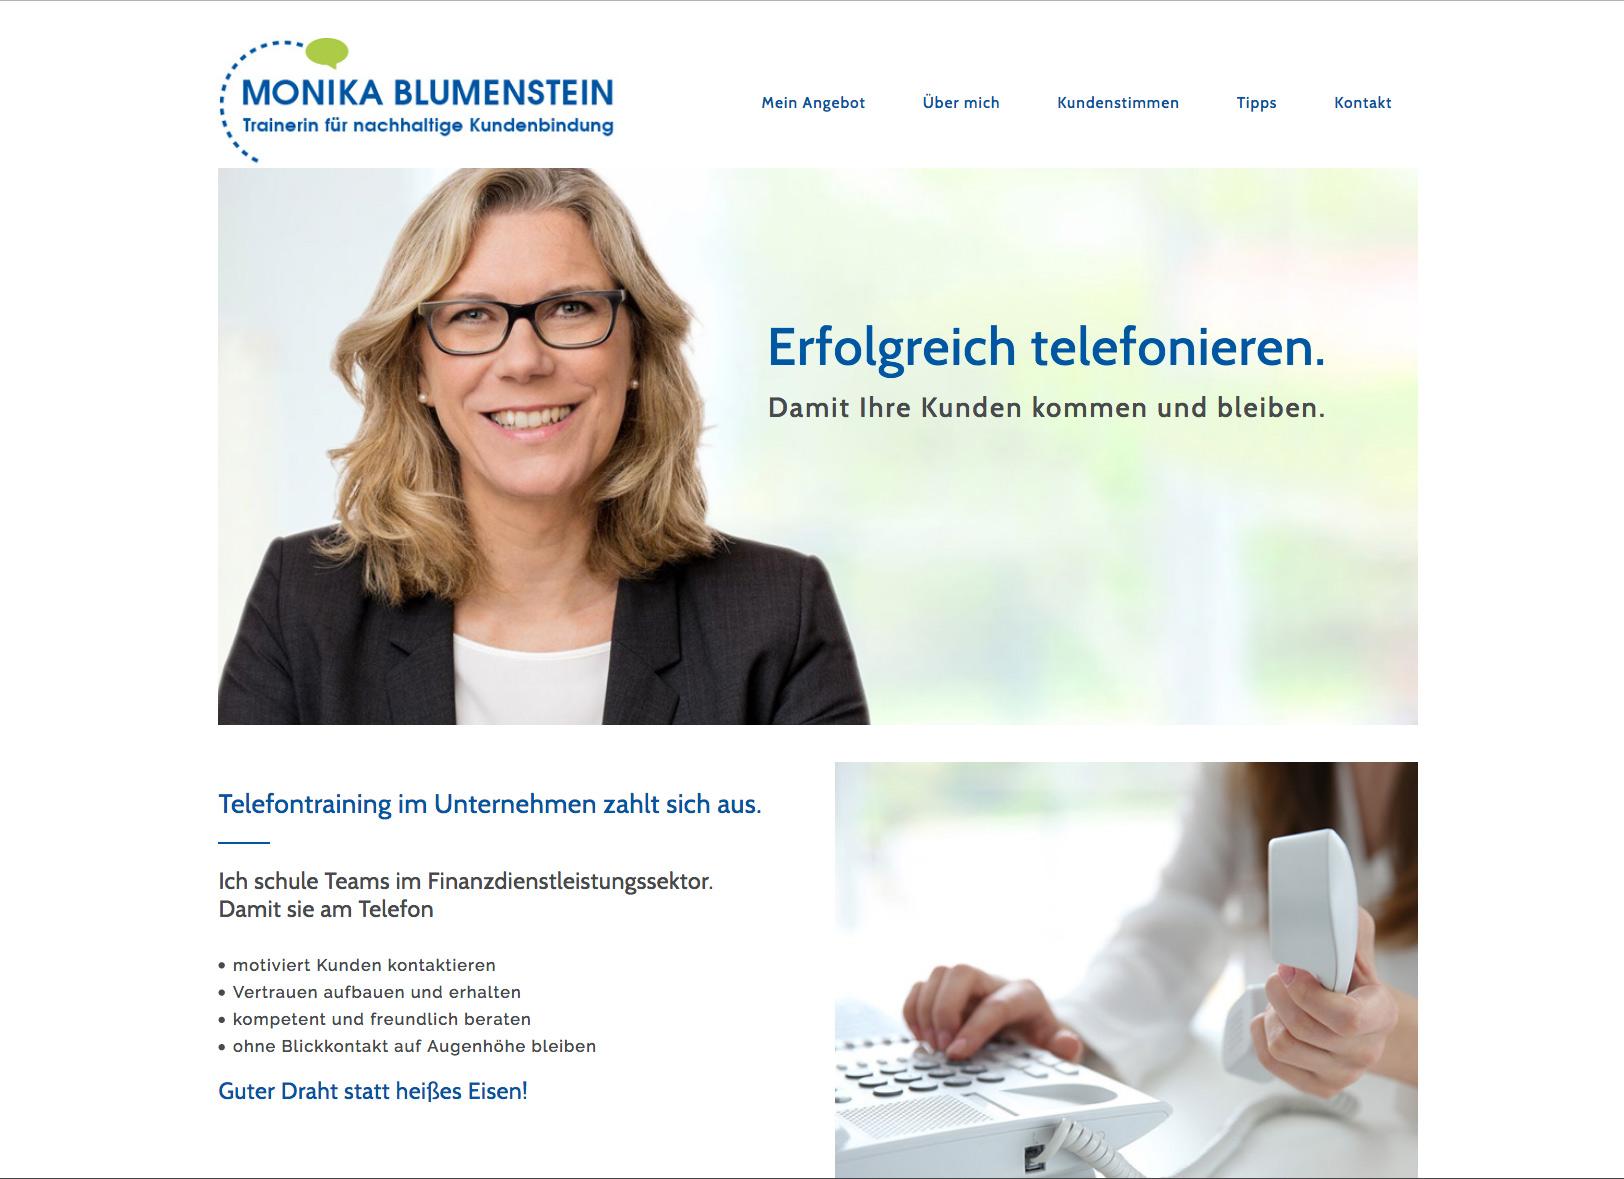 monika_blumenstein